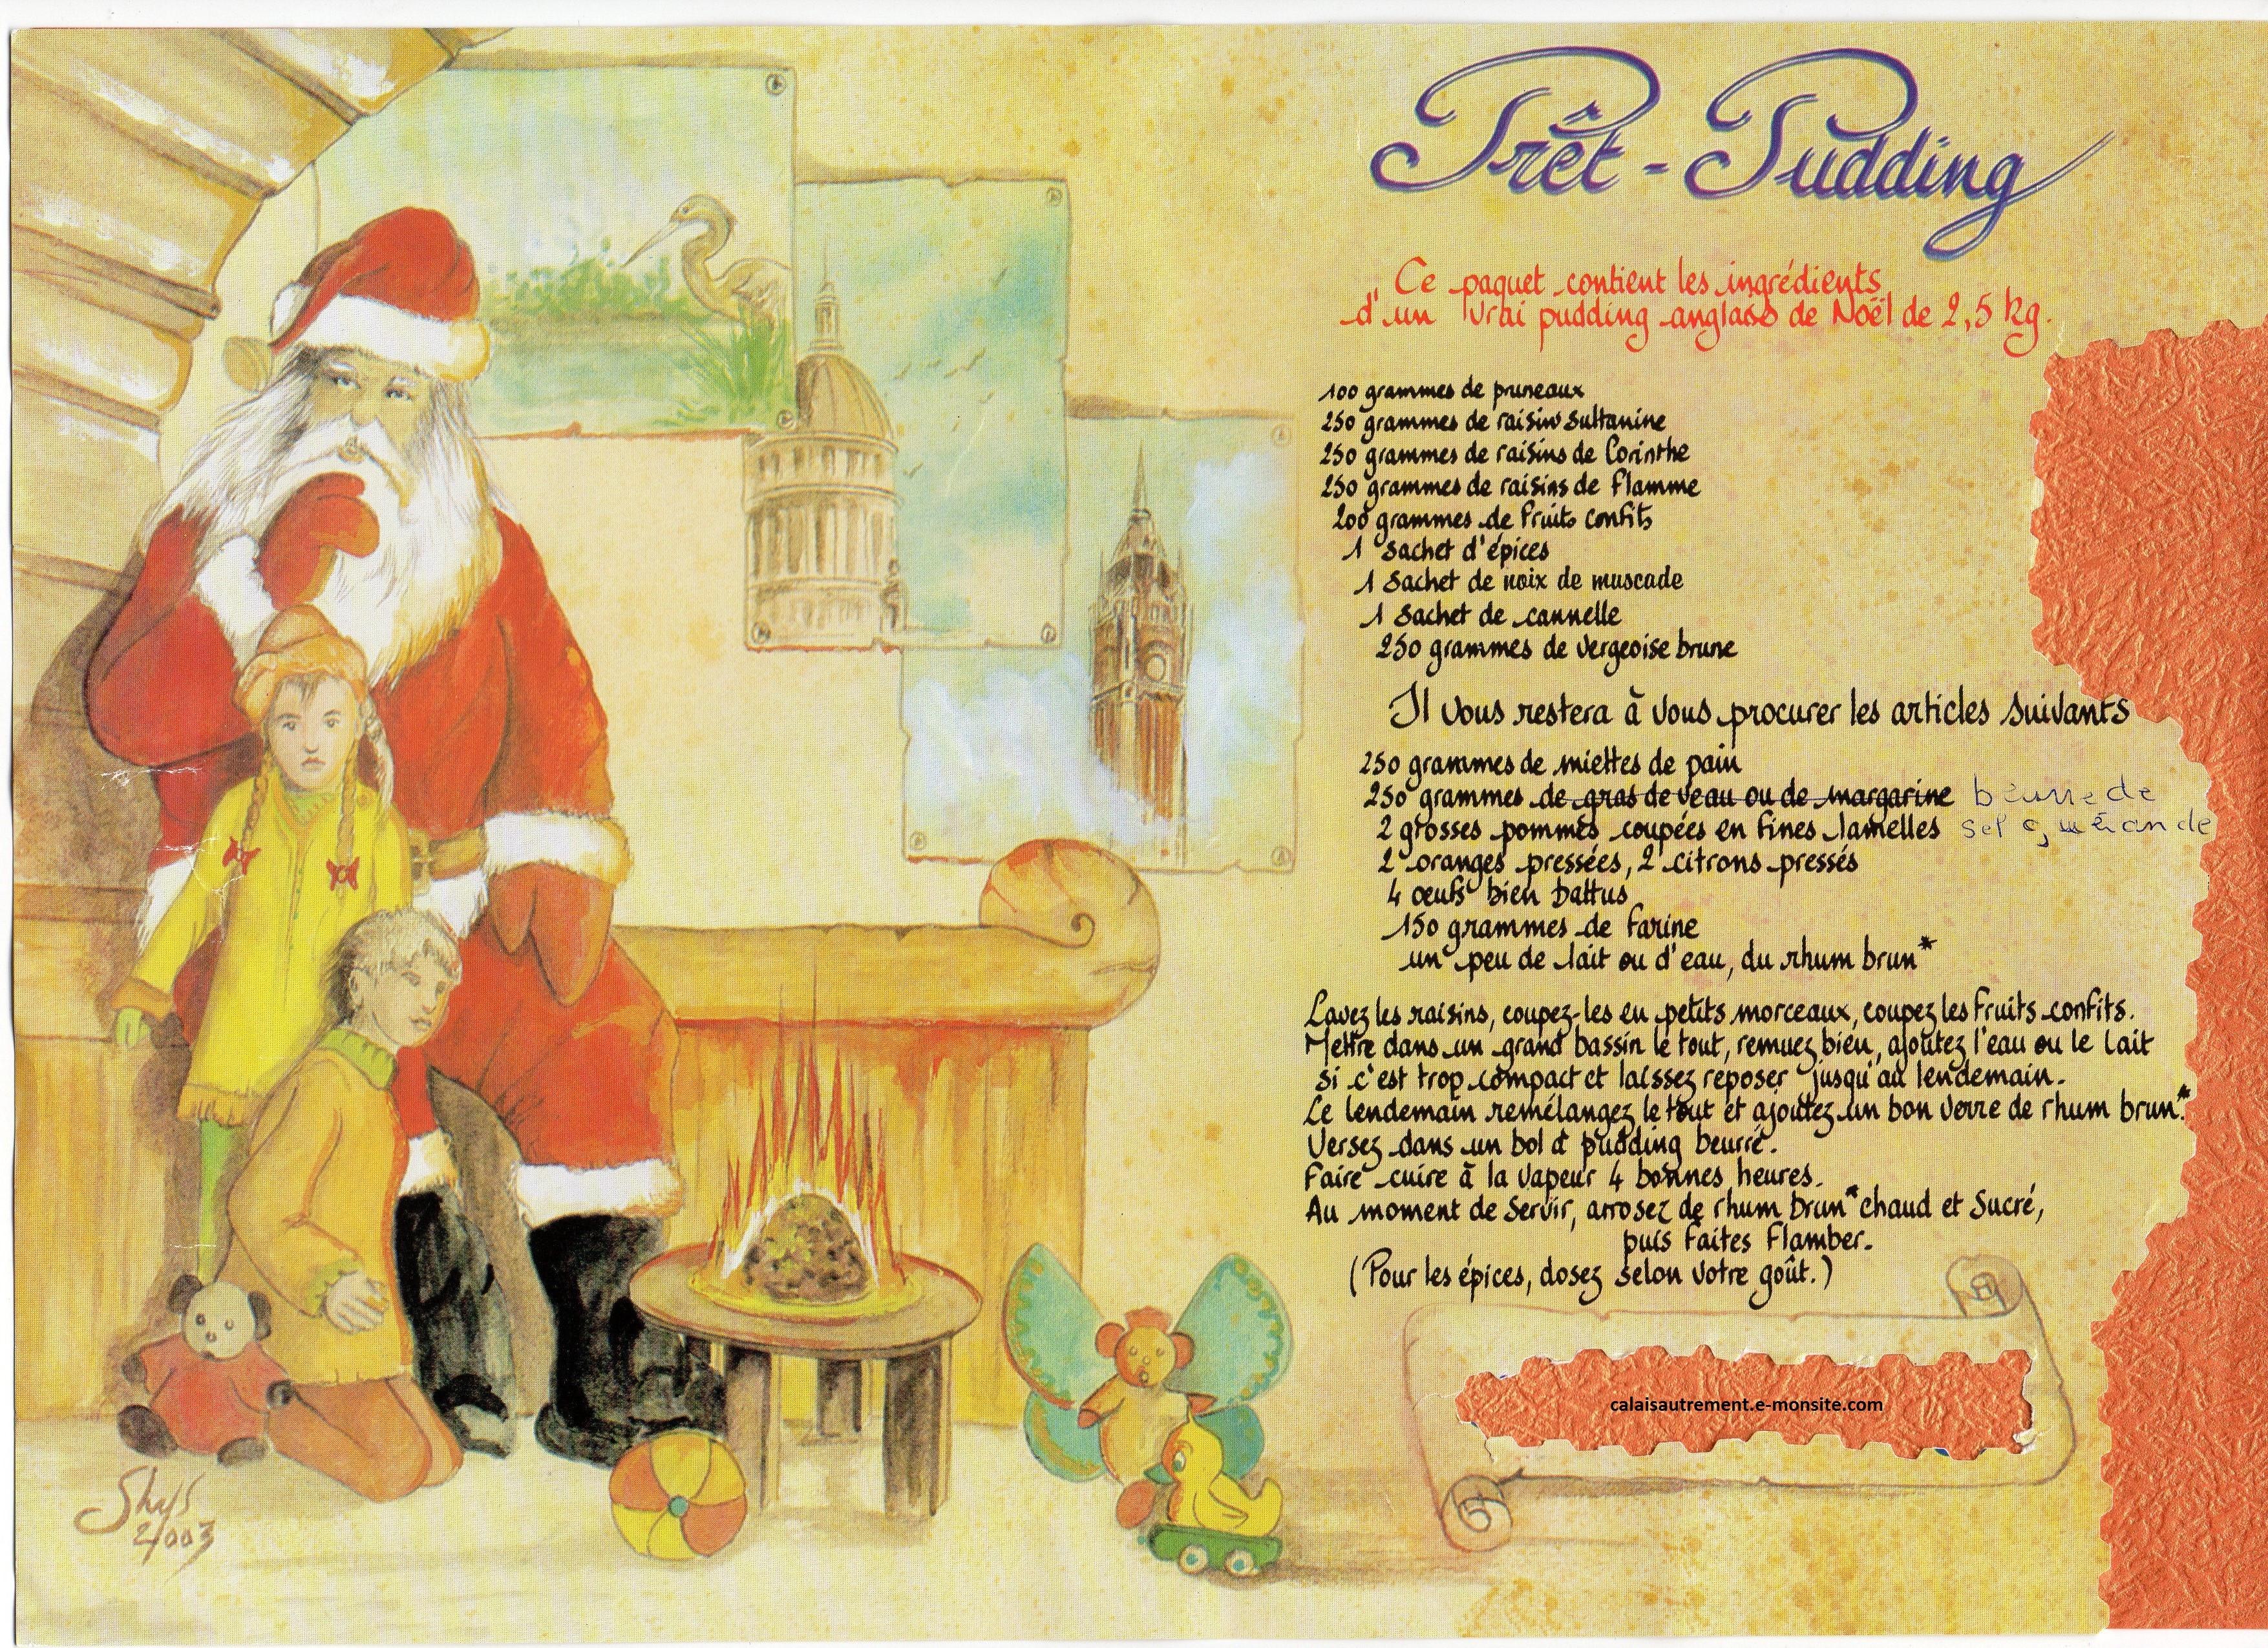 Recette du Pudding anglais pour préparer Noel